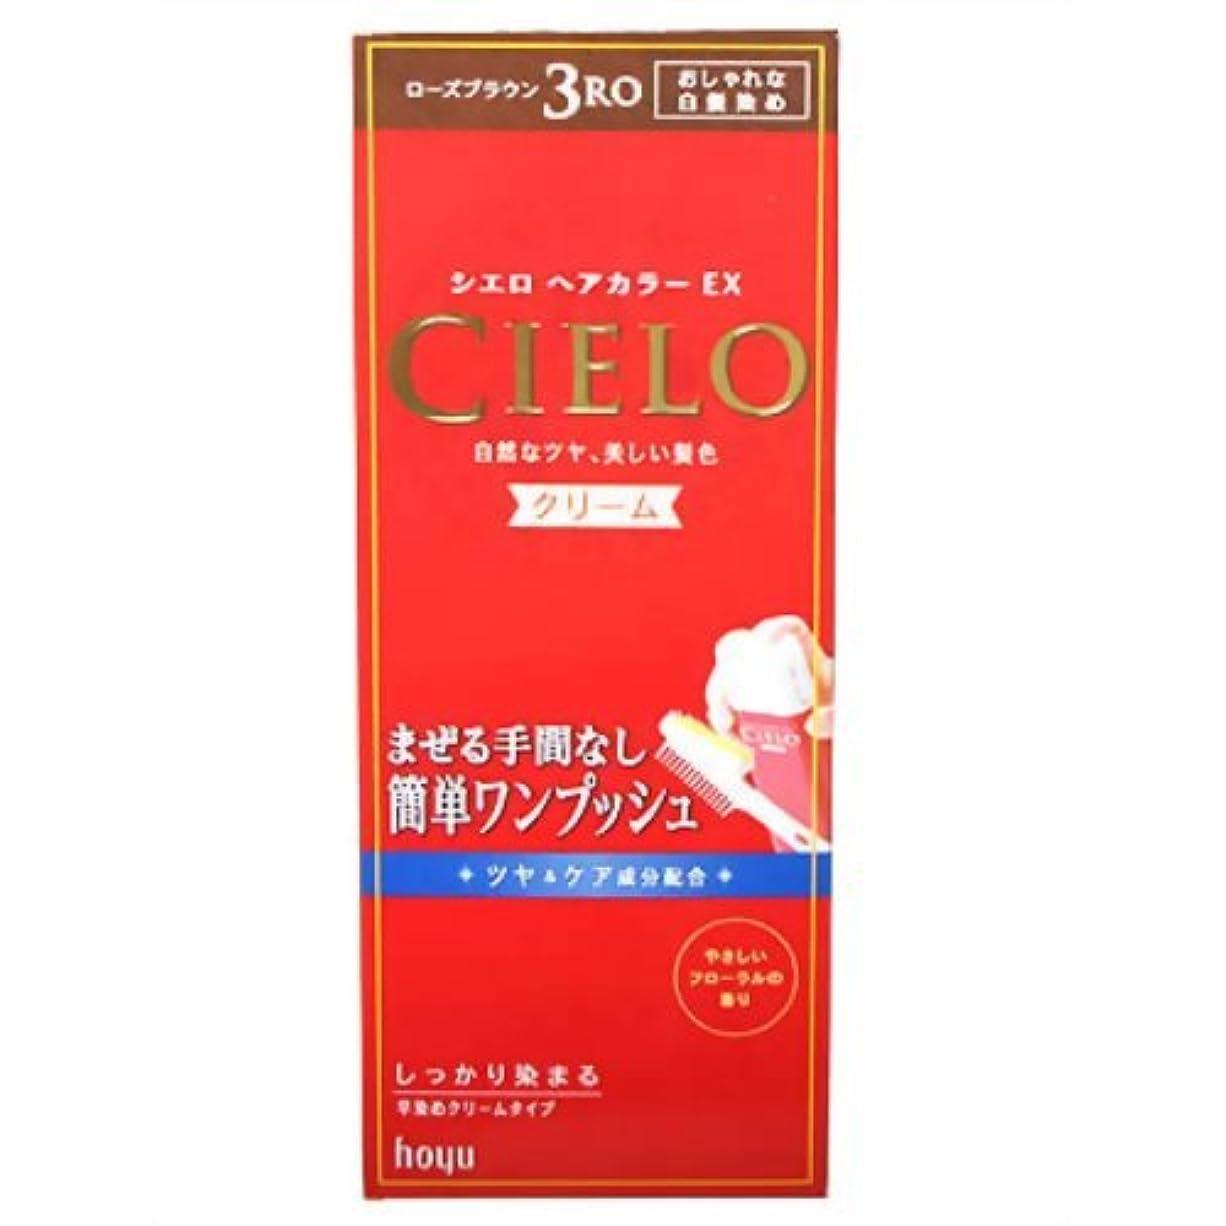 科学的知覚土シエロ ヘアカラ-EX クリ-ム 3RO ロ-ズブラウン